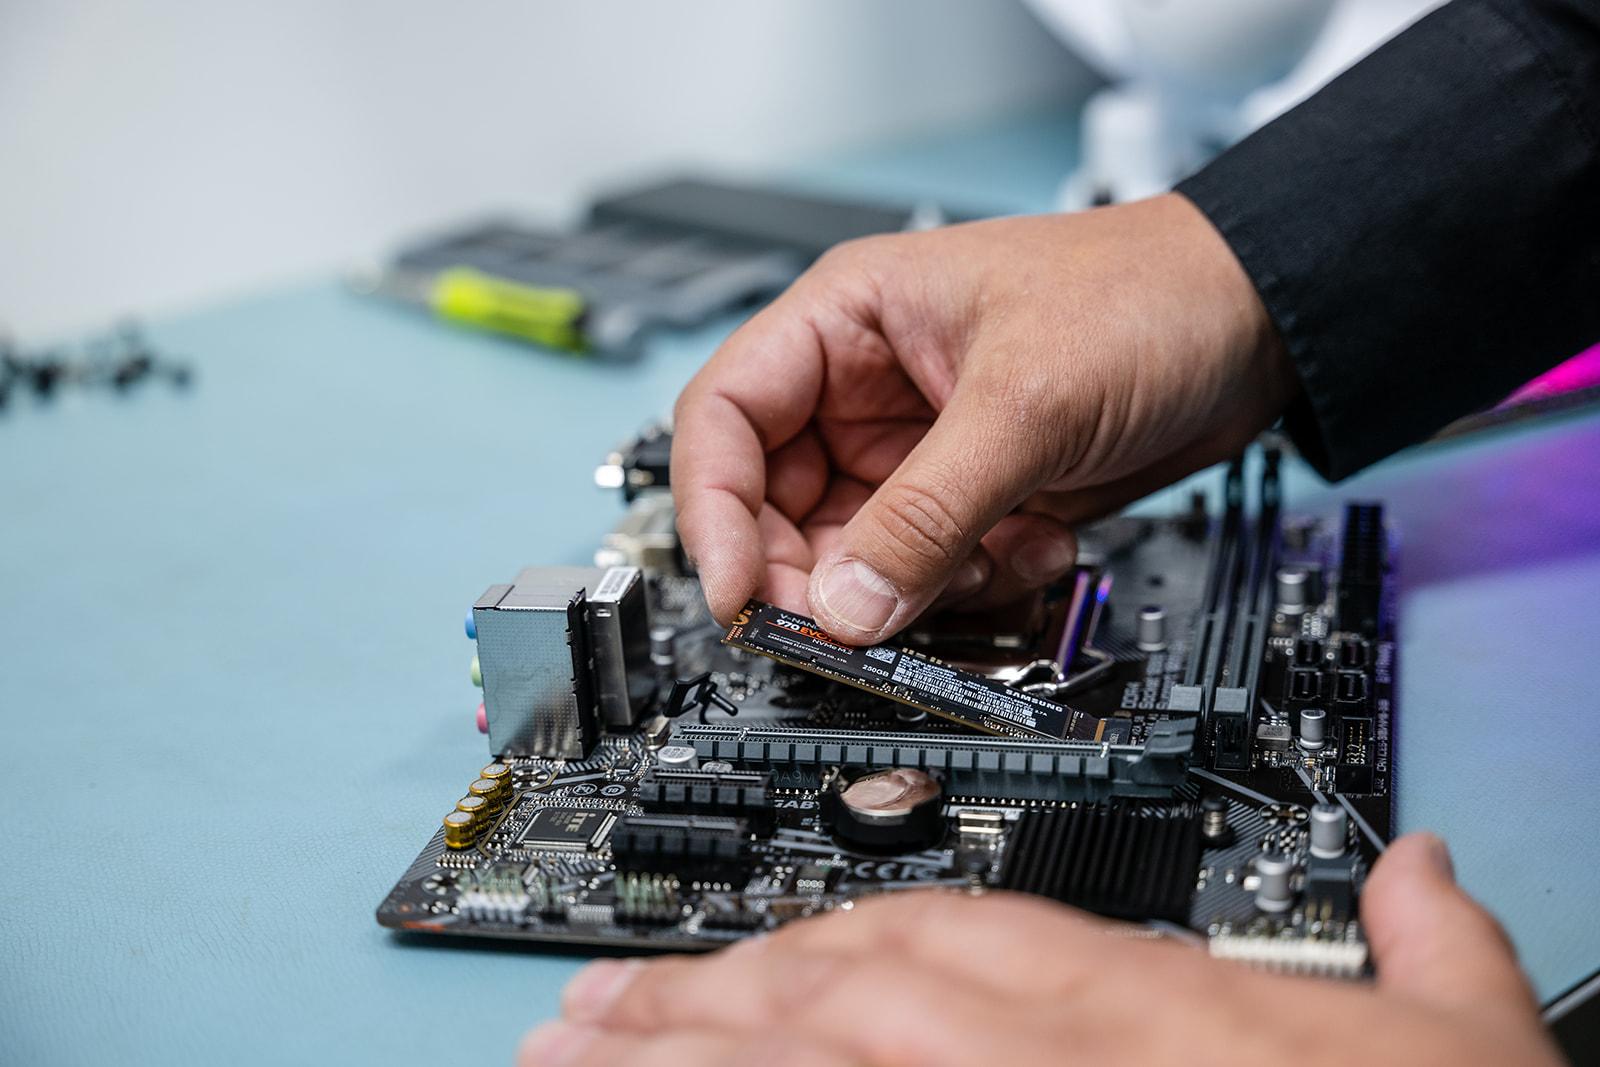 technology repairs